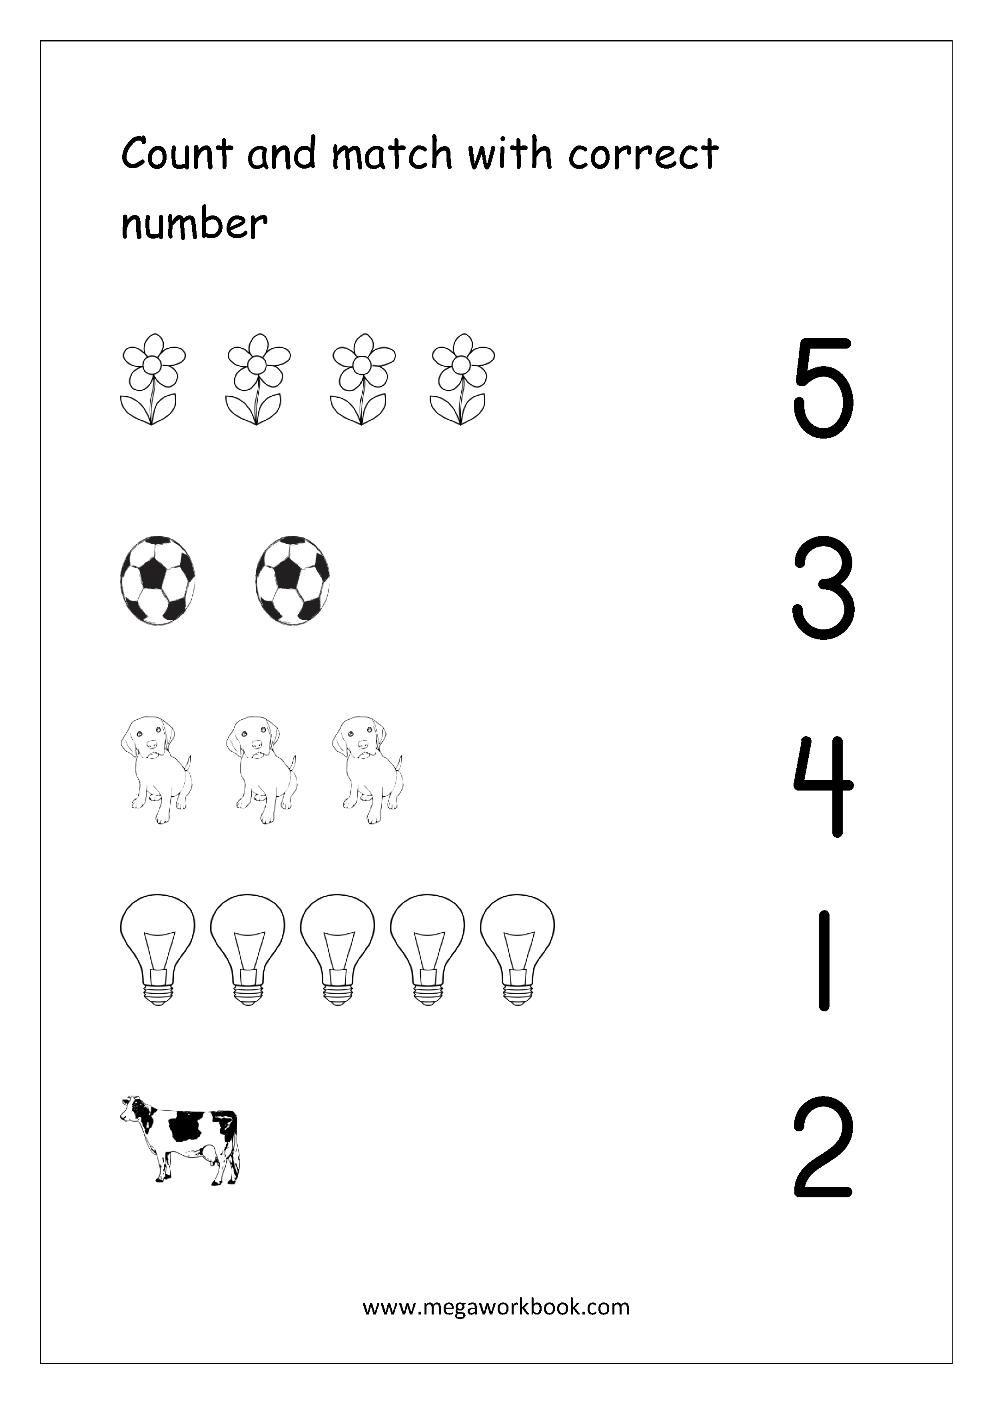 Free Printable Number Matching Worksheets For Kindergarten And - Free Printable Number Worksheets For Kindergarten